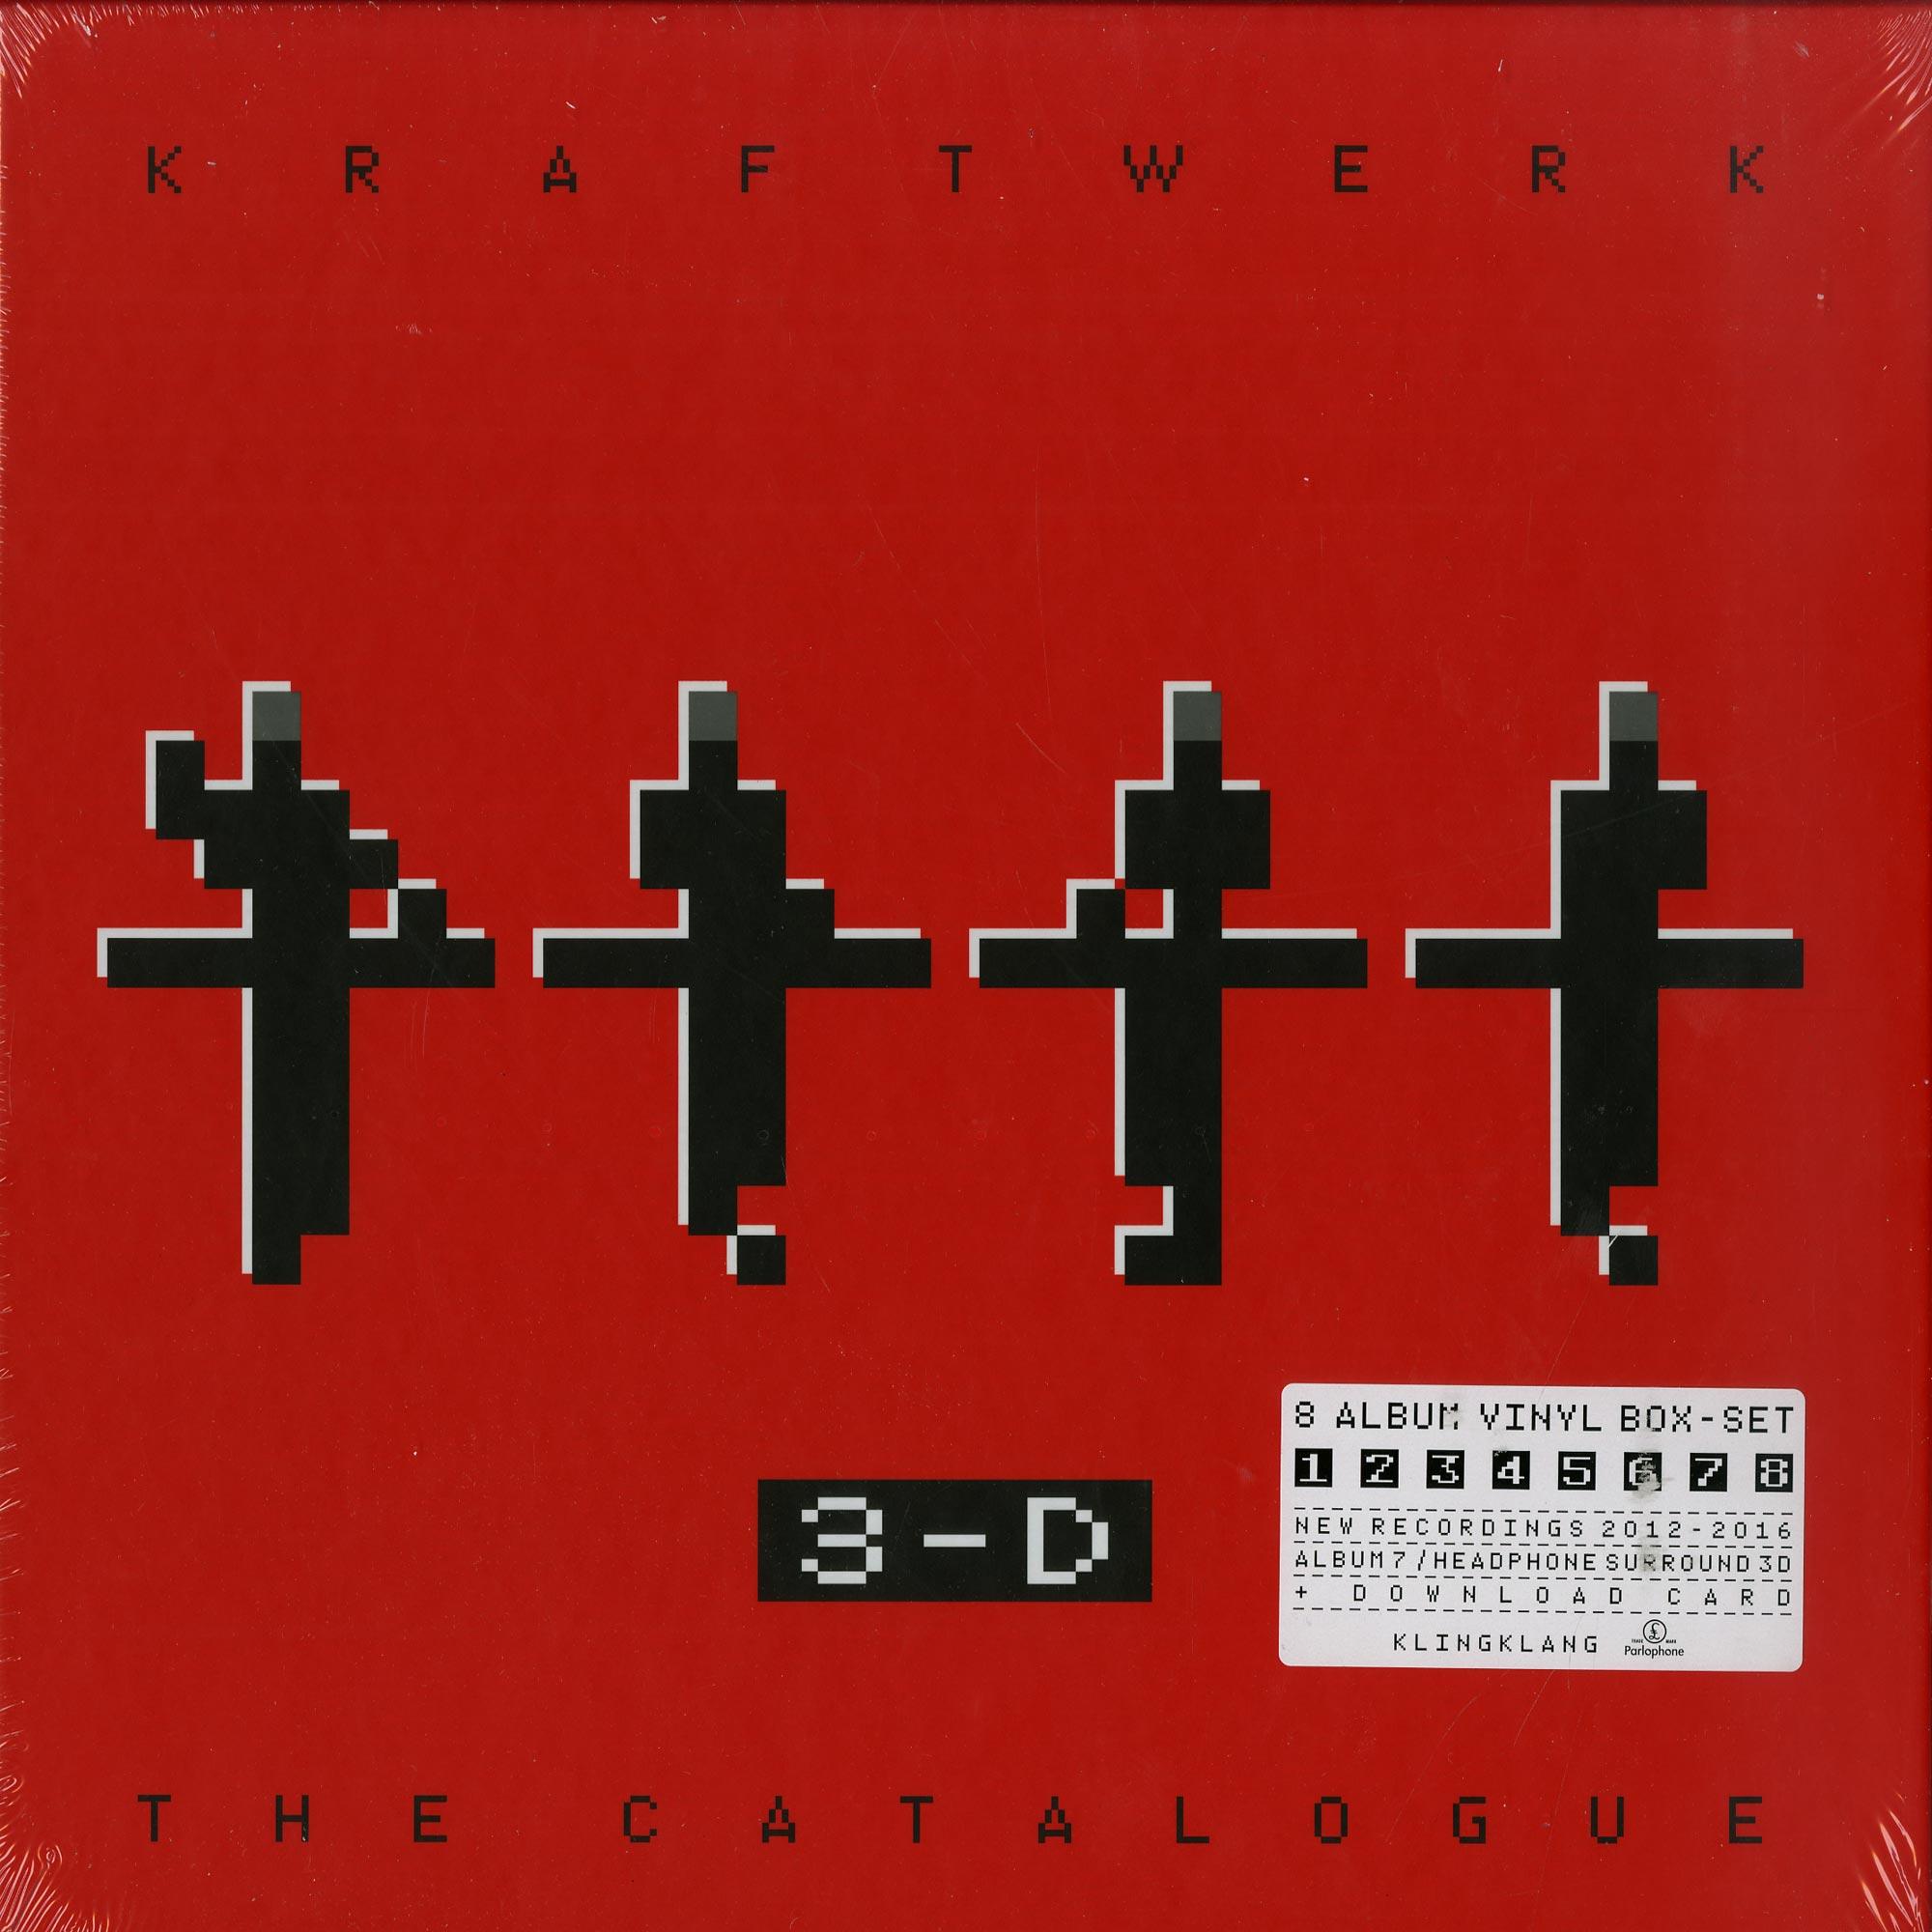 Kraftwerk - 3-D THE CATALOGUE